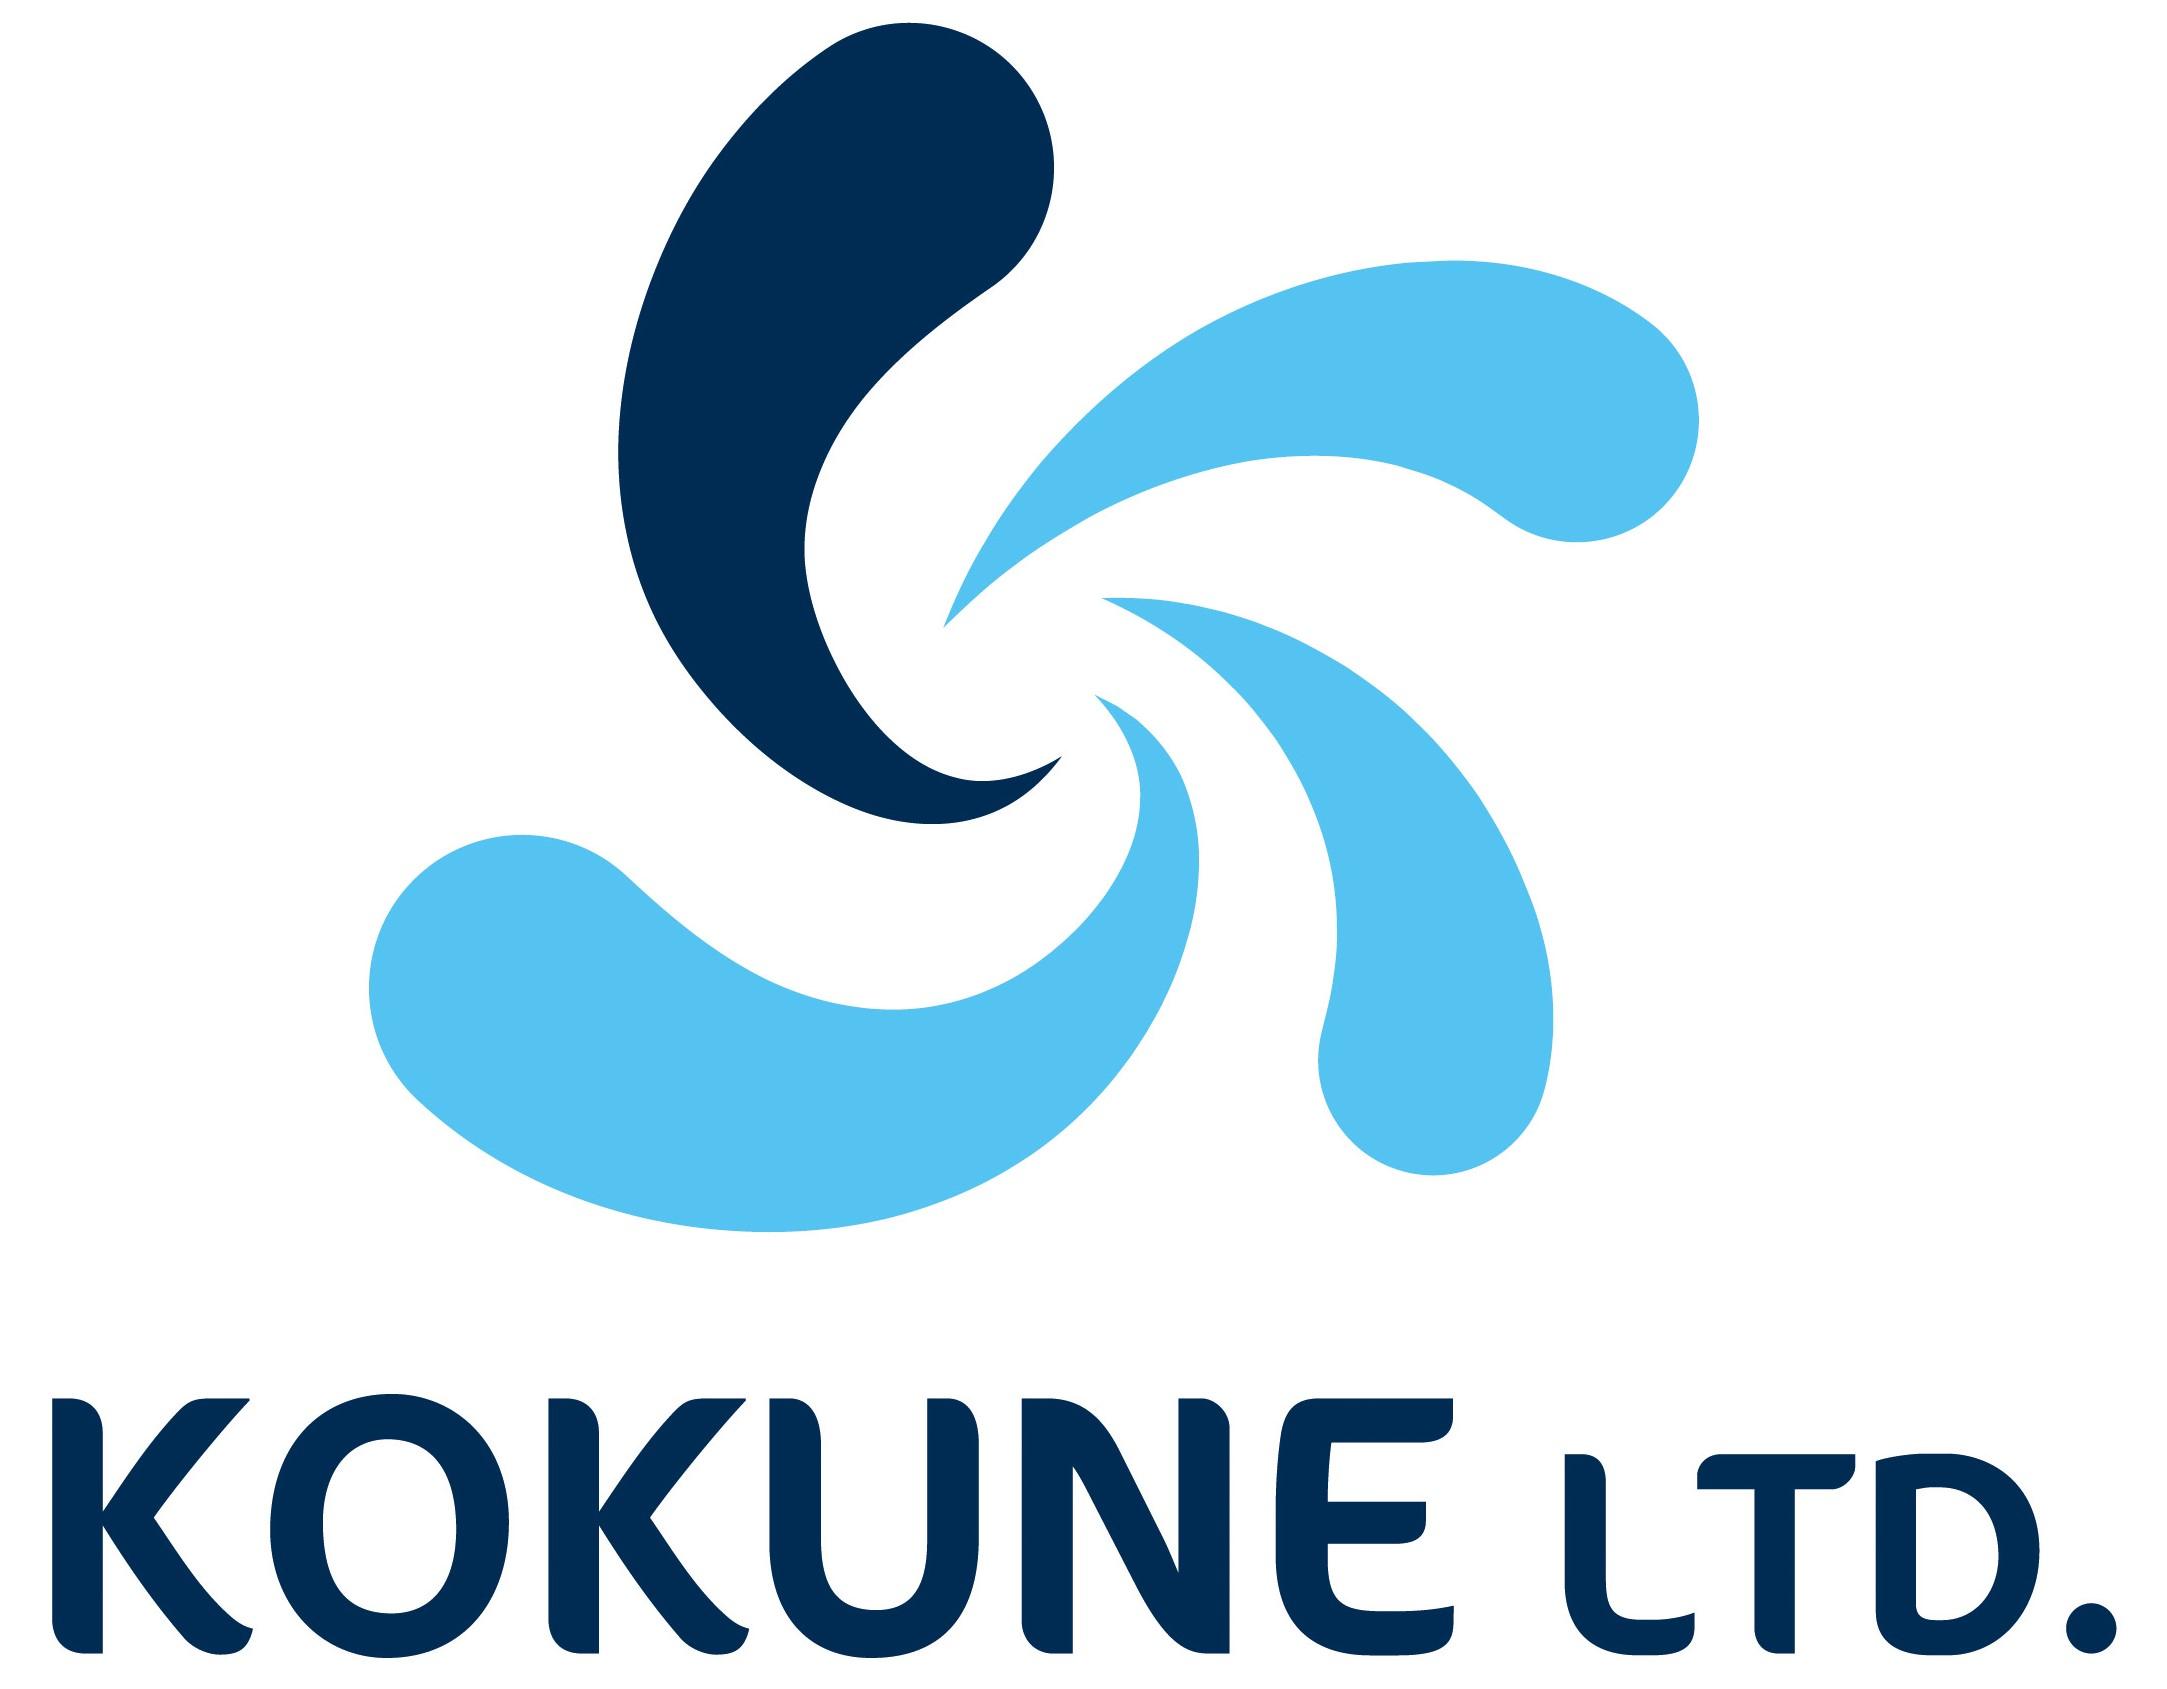 株式会社 コクネ KOKUNE Co., Ltd